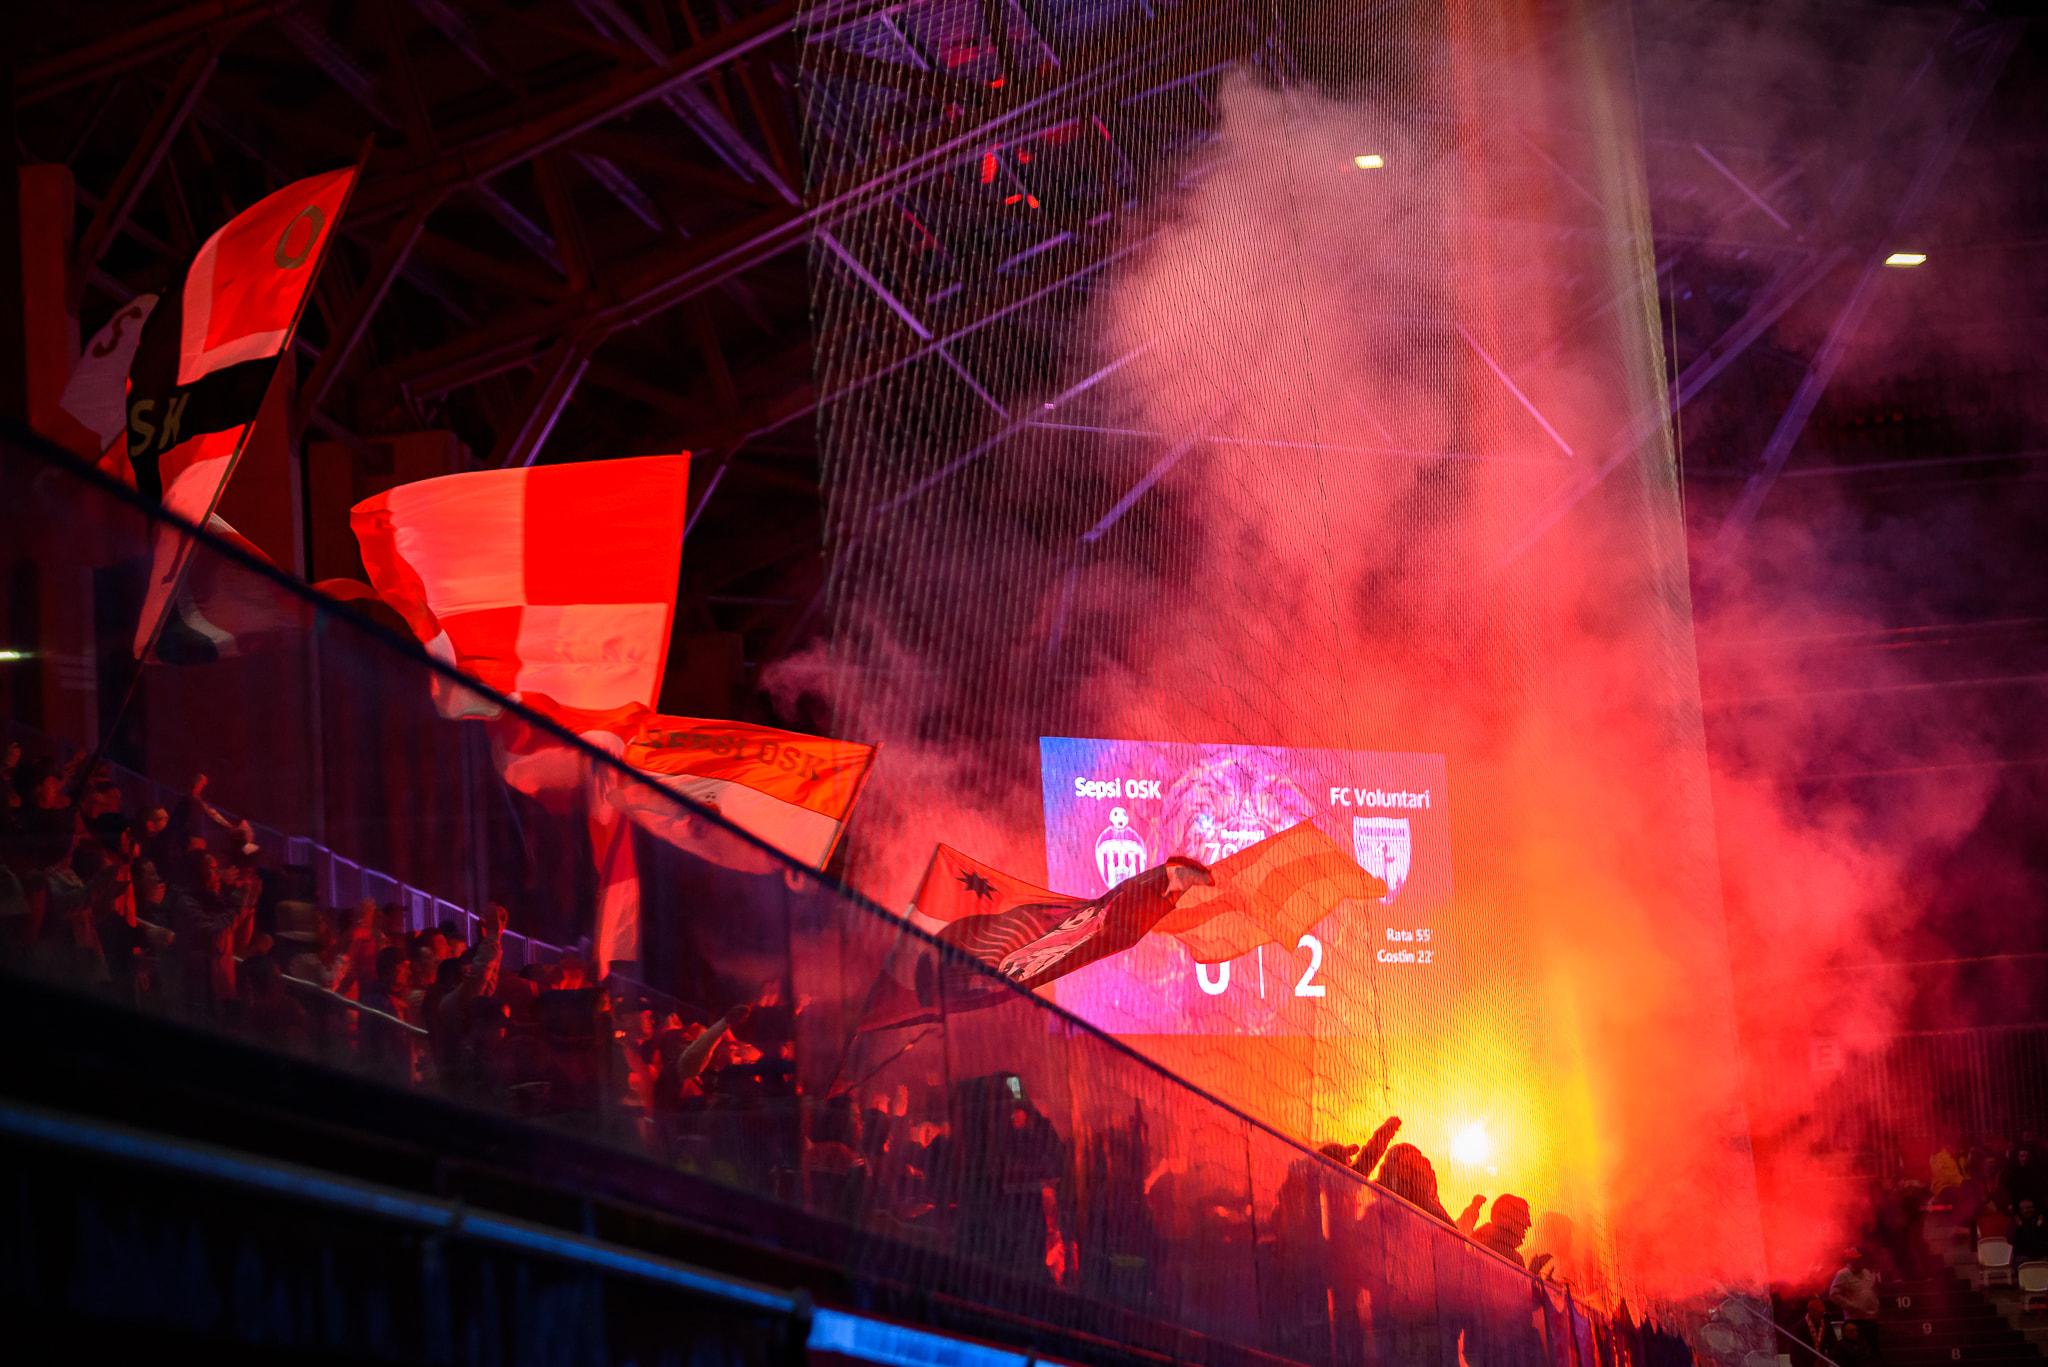 12. Forduló SEPSI OSK 1 - 2 FC Voluntari